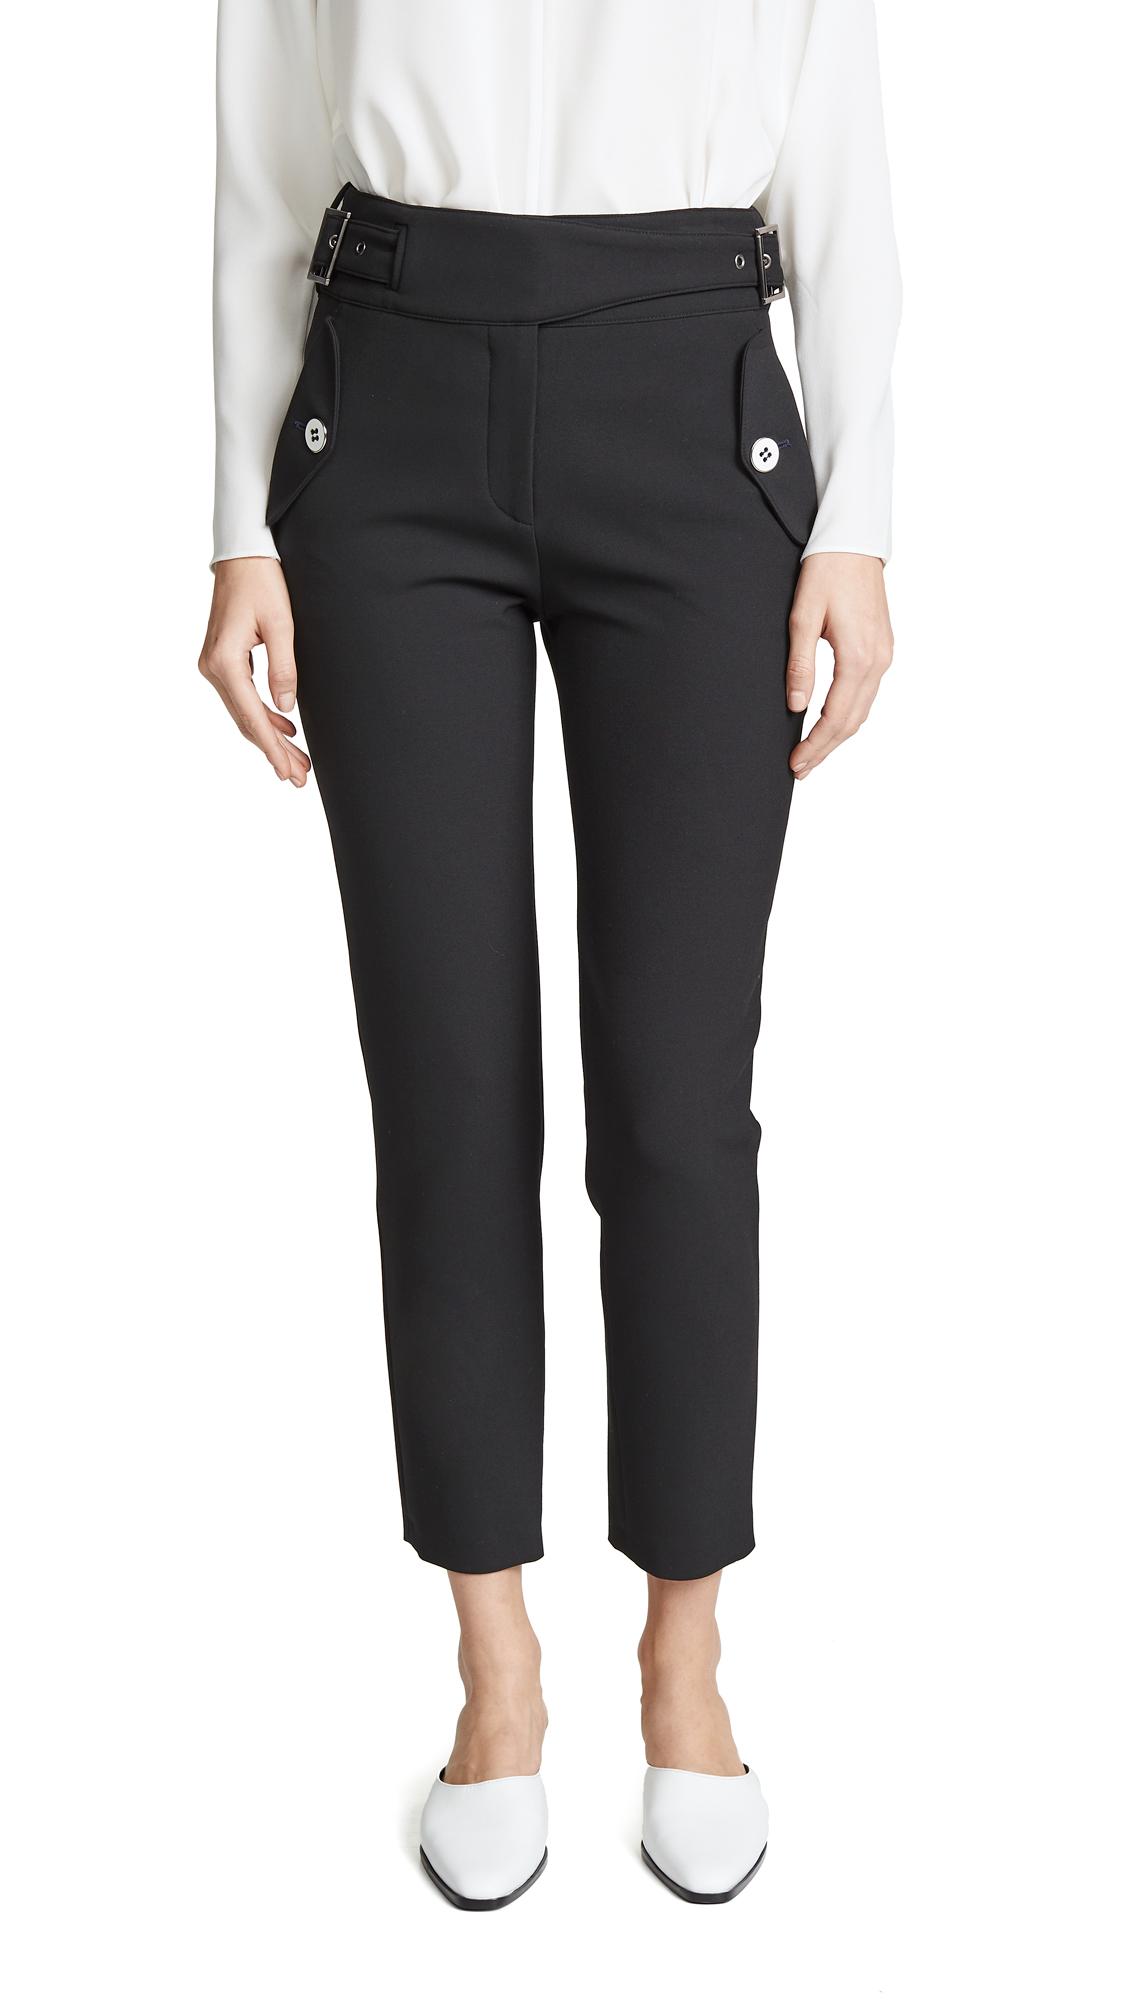 Veronica Beard Jaina Pants - Black